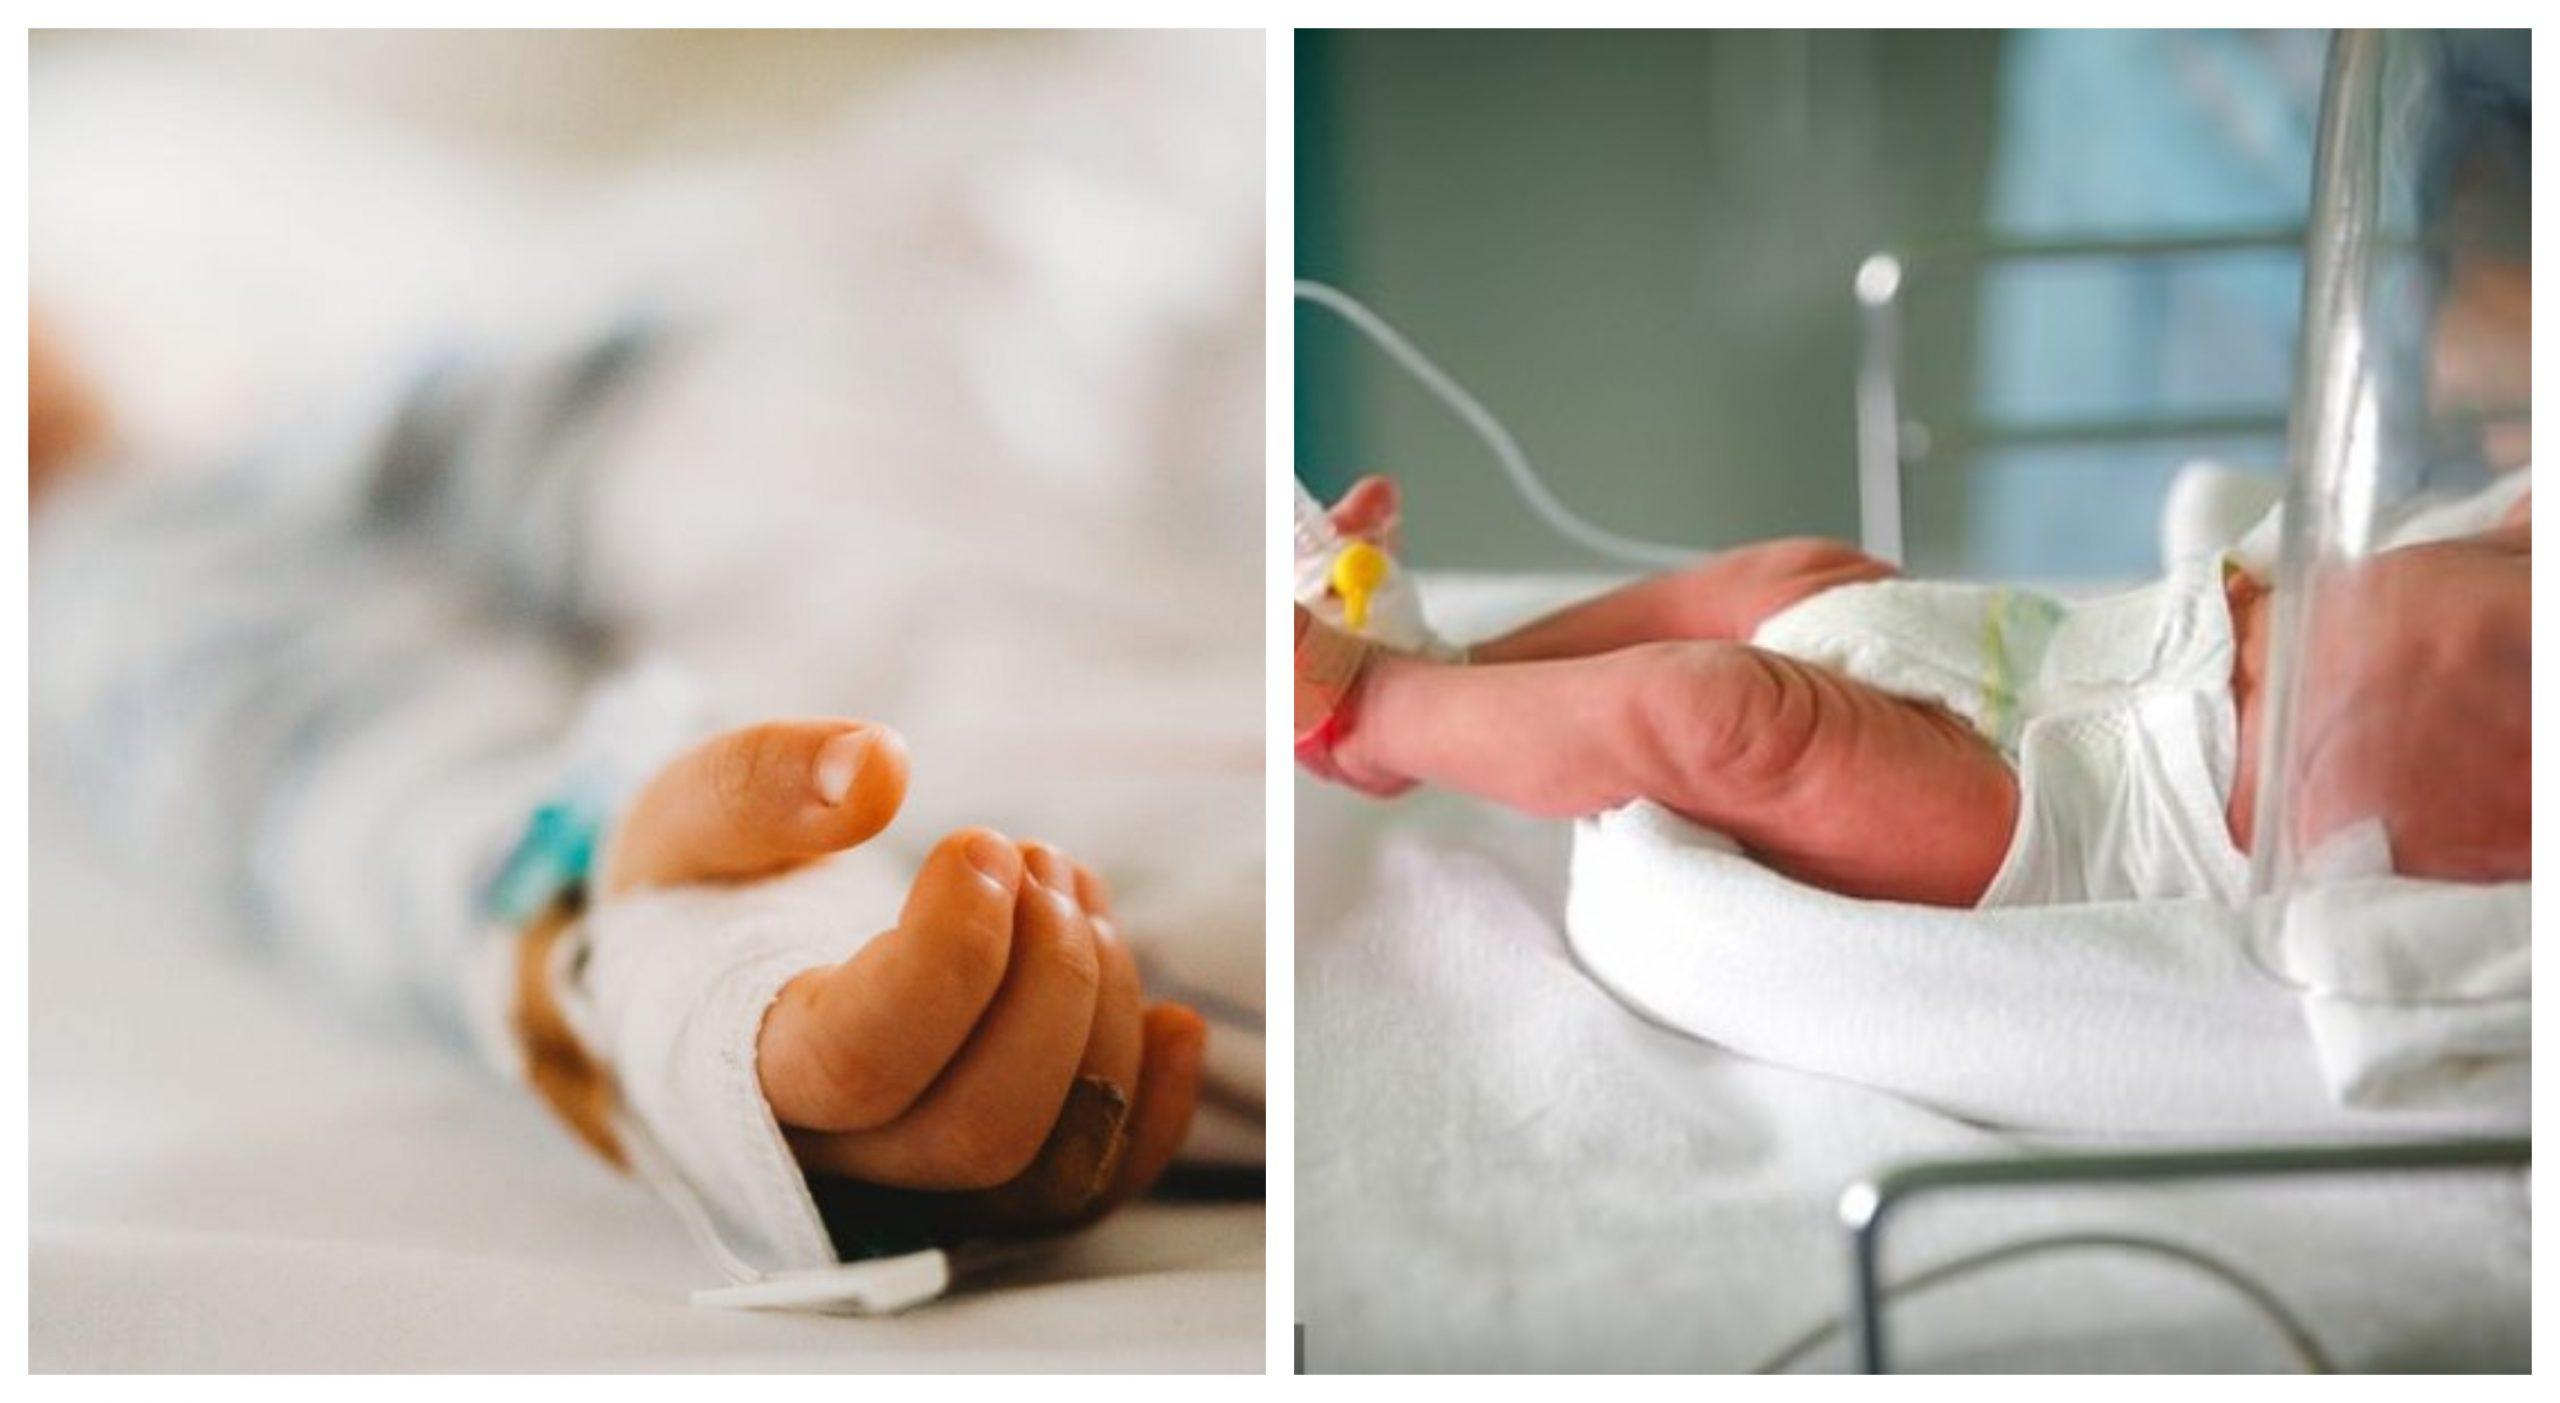 Ca mai tânără victimă a coronavirusului. Un bebeluș fost răpus la doar patru luni